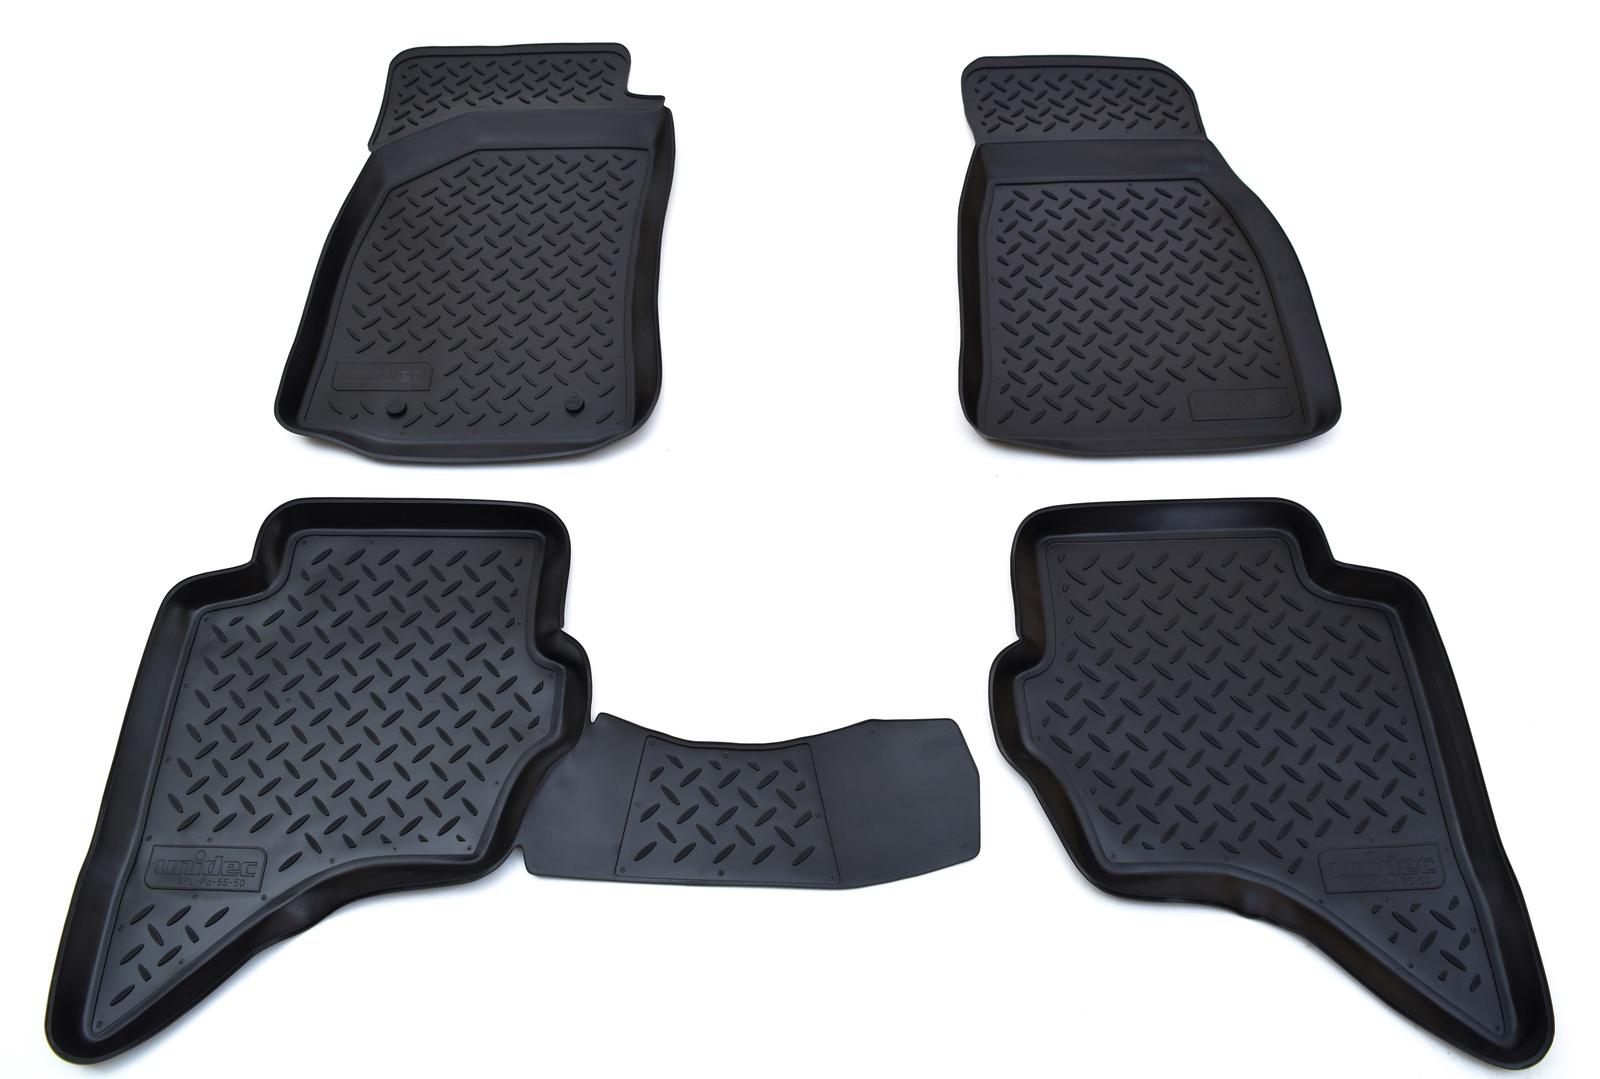 Коврики в салон Norplast для Ford Ranger 2006, для Mazda BT-50 2006, NPL-Po-55-50, черный недорго, оригинальная цена